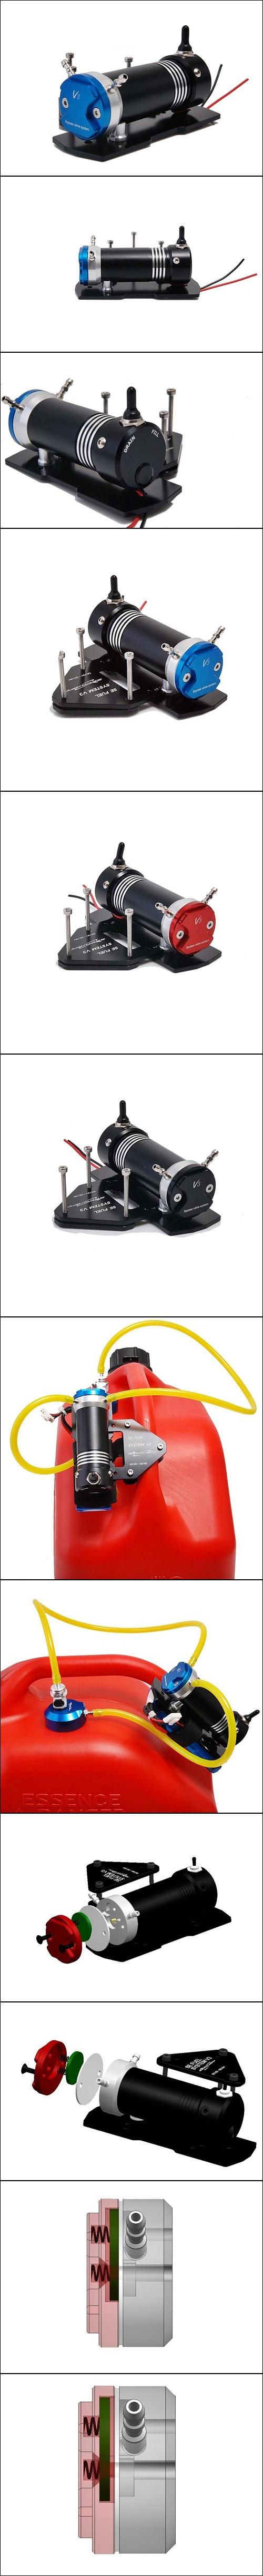 Secraft V3 Fuel System